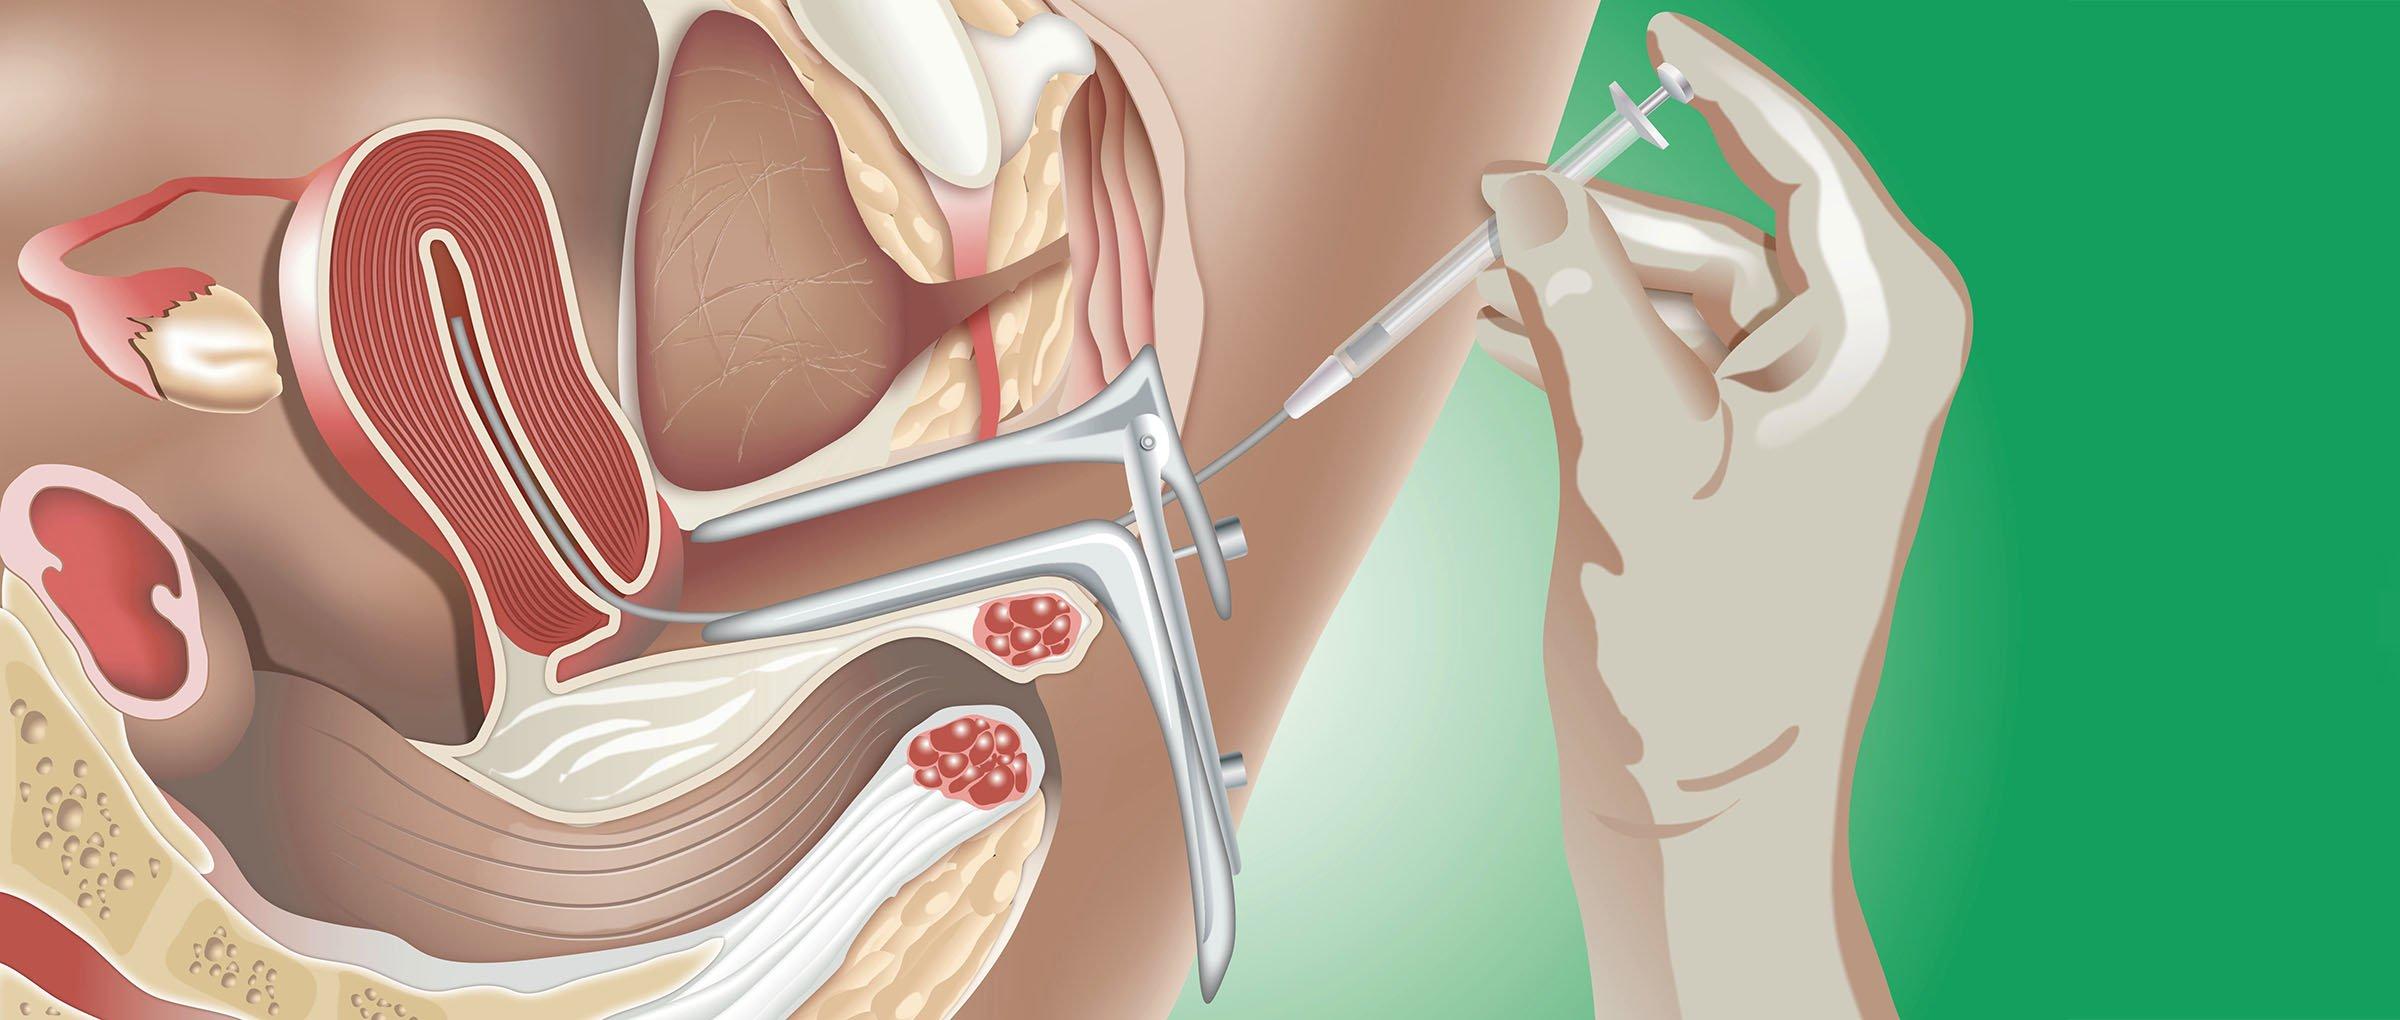 Técnica de inseminación intrauterina